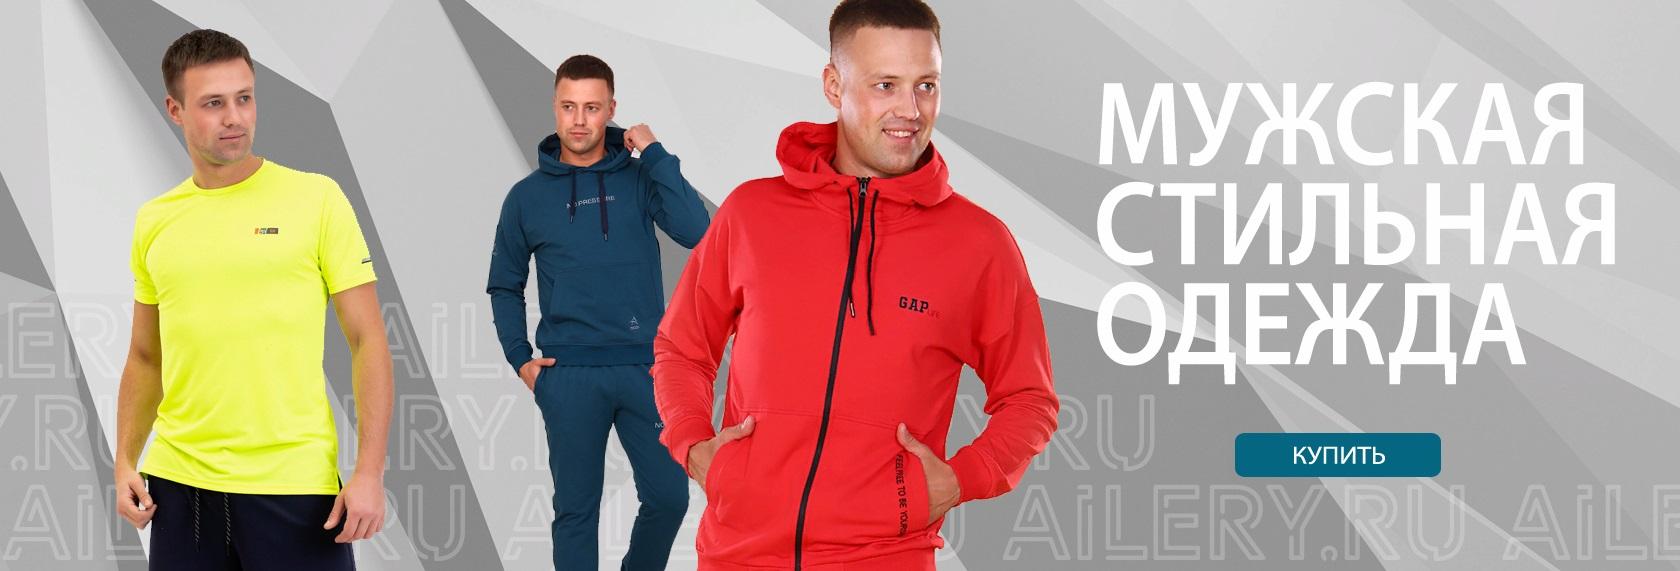 Коллекция мужской одежды: костюмы для дома и активного отдыха, спорта, толстовки, футболки, халаты, носки от ailery.ru